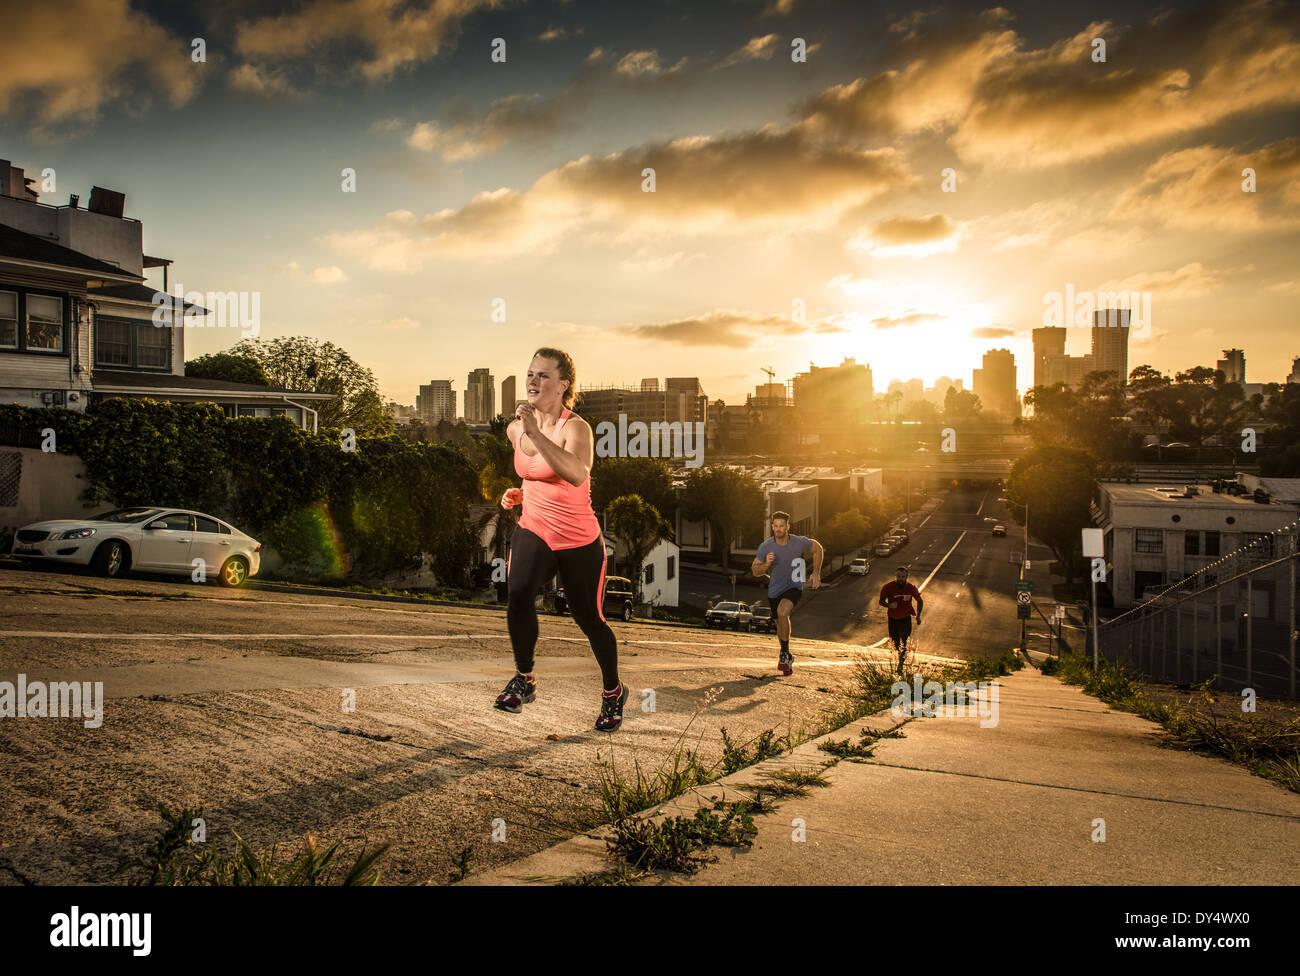 Equipo de corredores subiendo una empinada colina de la ciudad Foto de stock